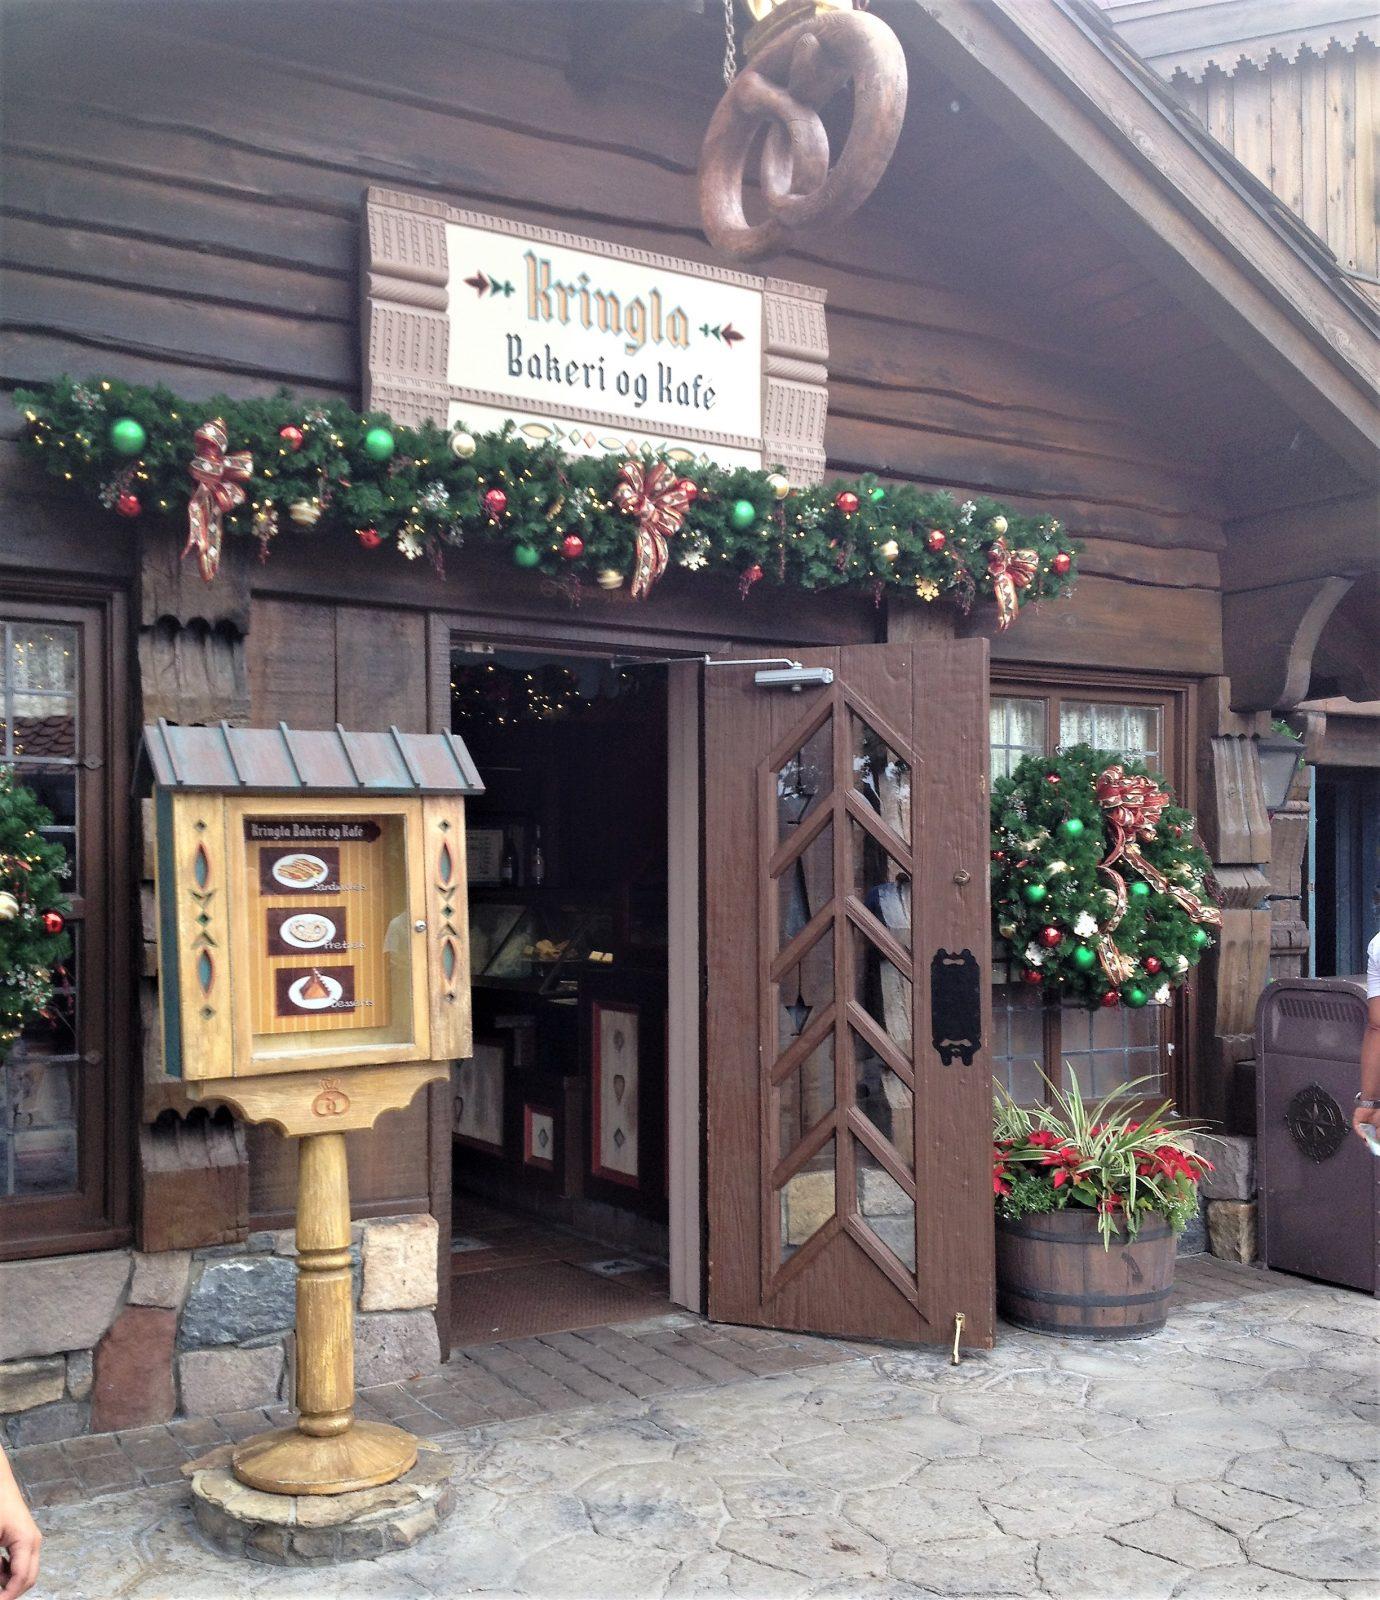 Kringla entrance